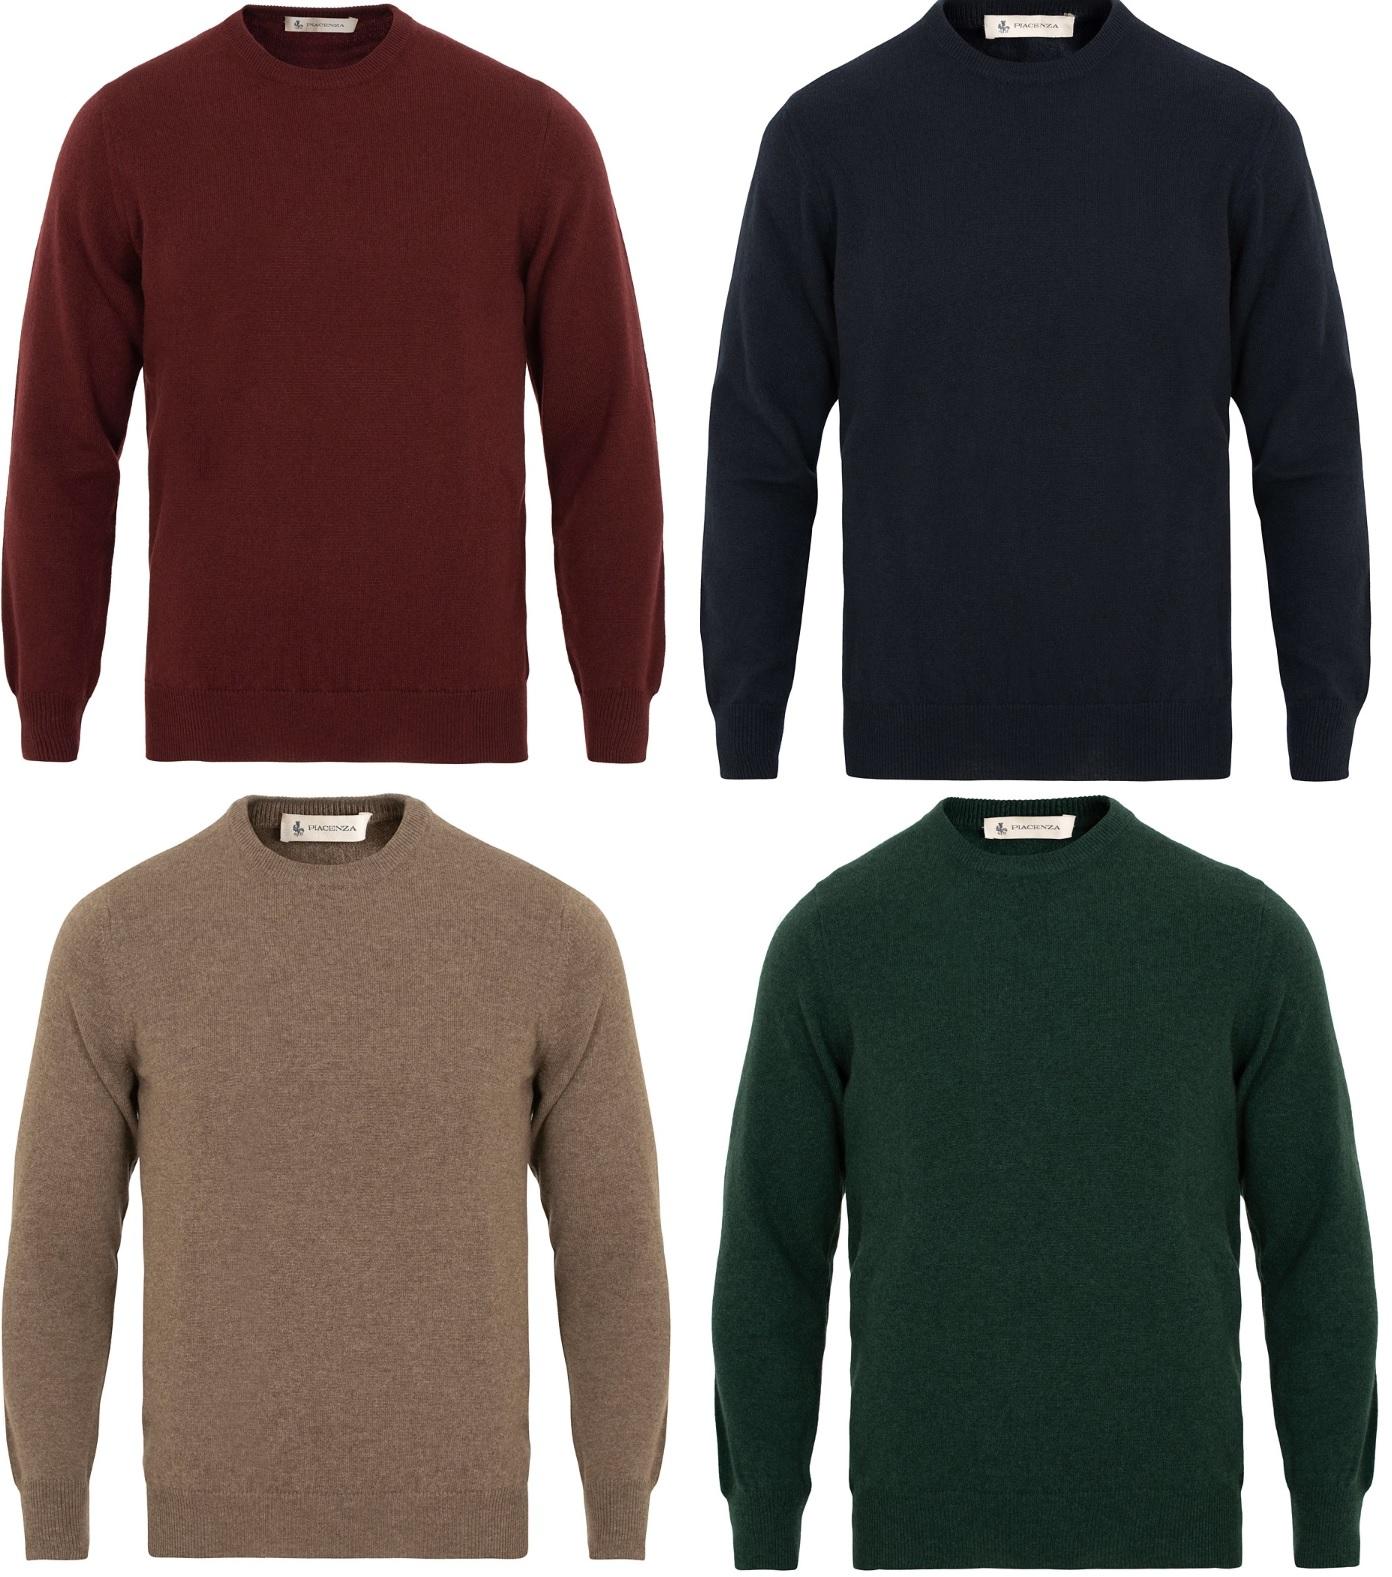 trøjer i kashmir til mænd 2019